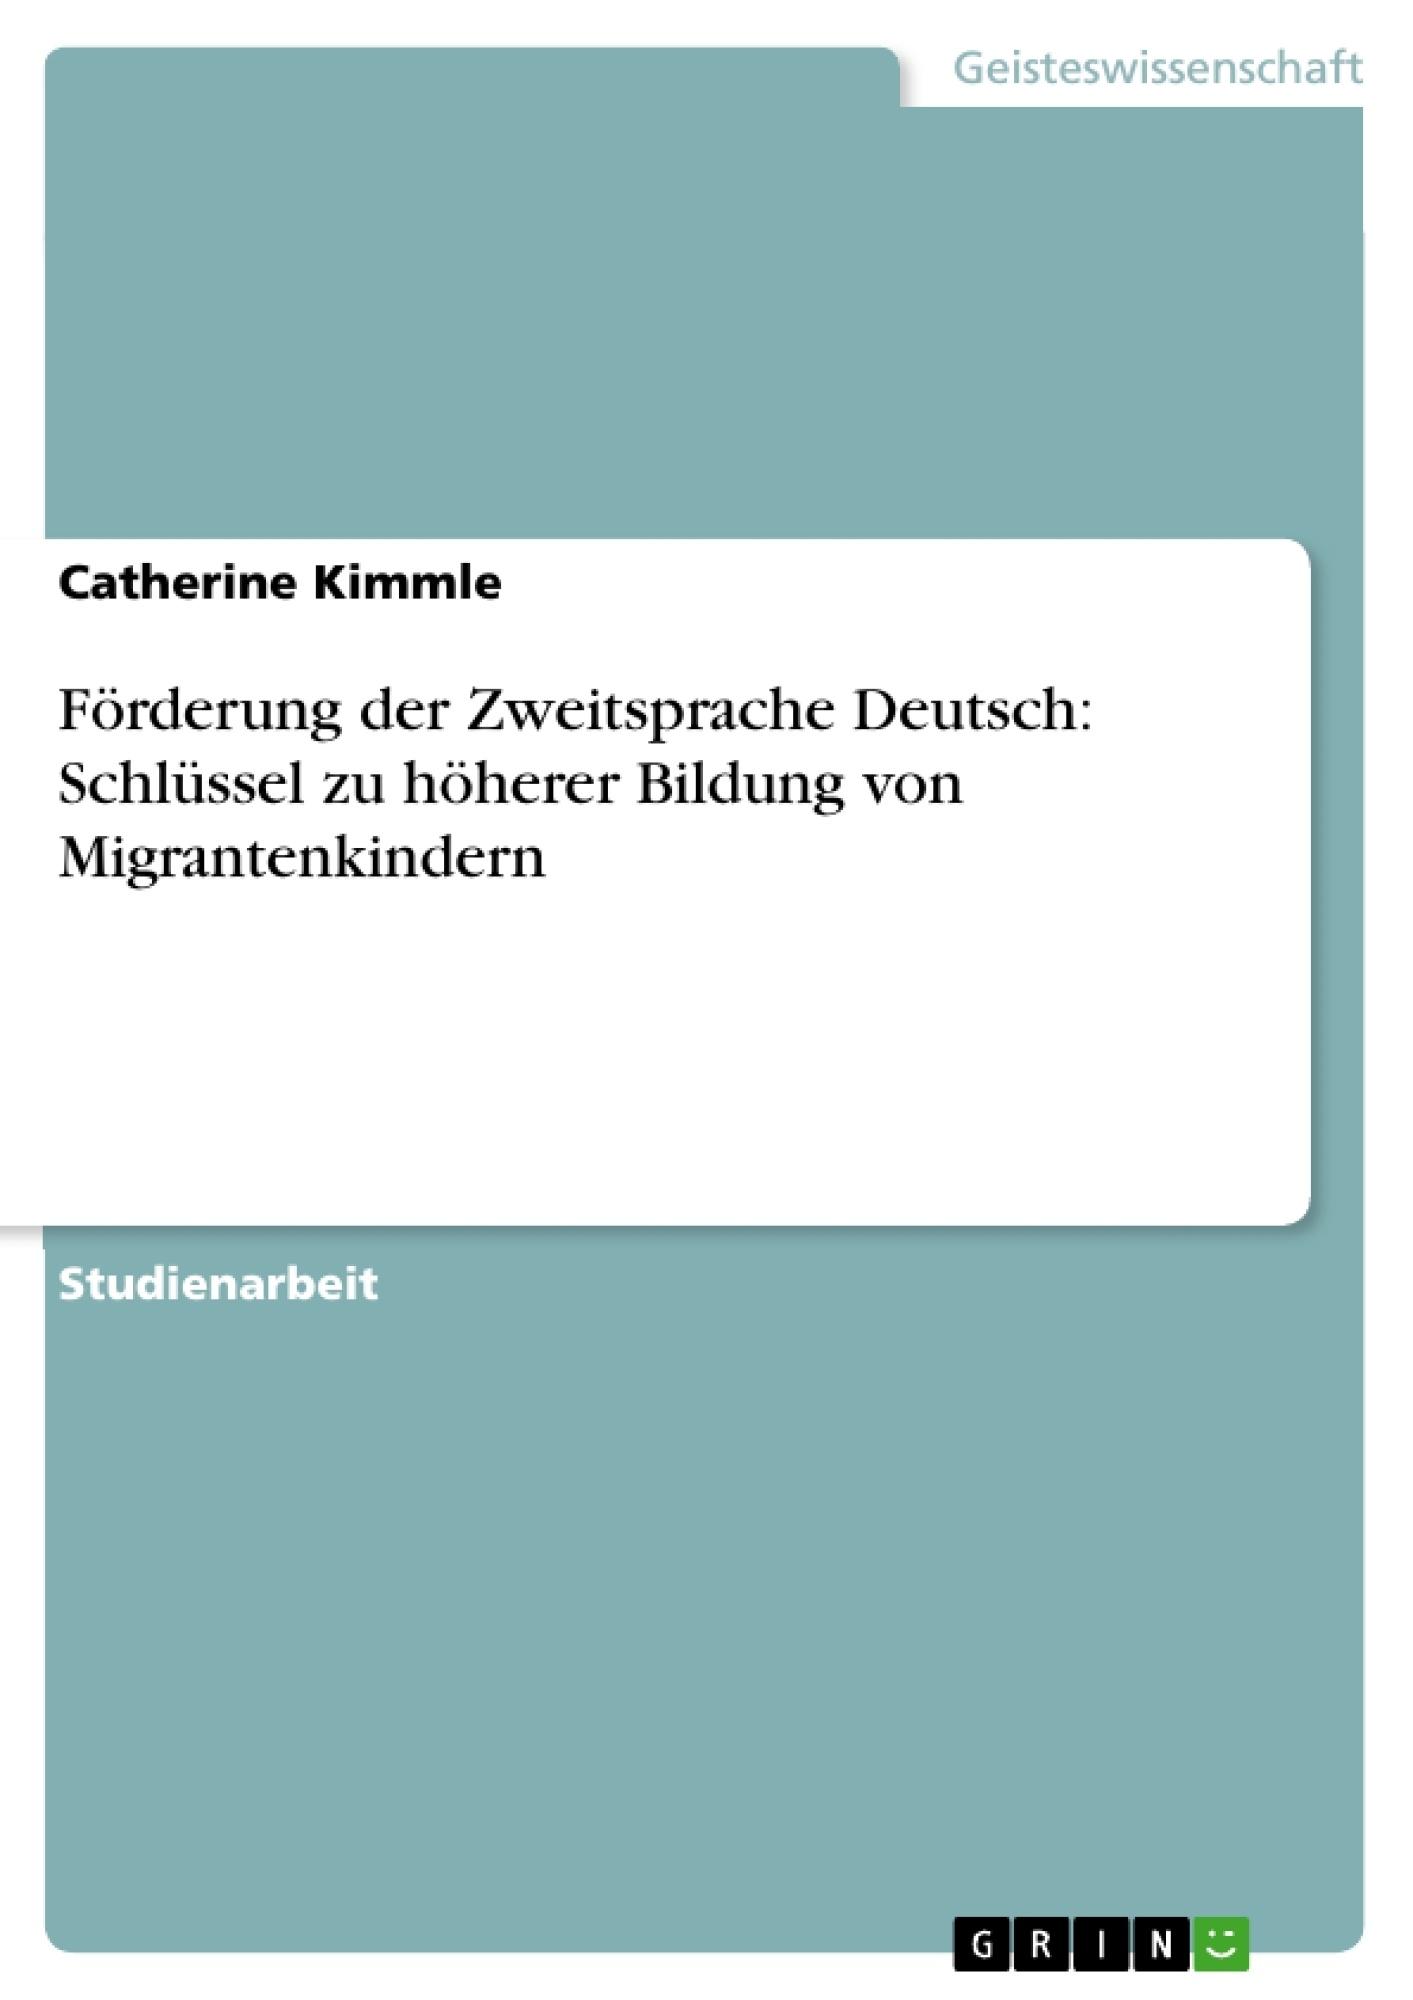 Titel: Förderung der Zweitsprache Deutsch: Schlüssel zu höherer Bildung von Migrantenkindern